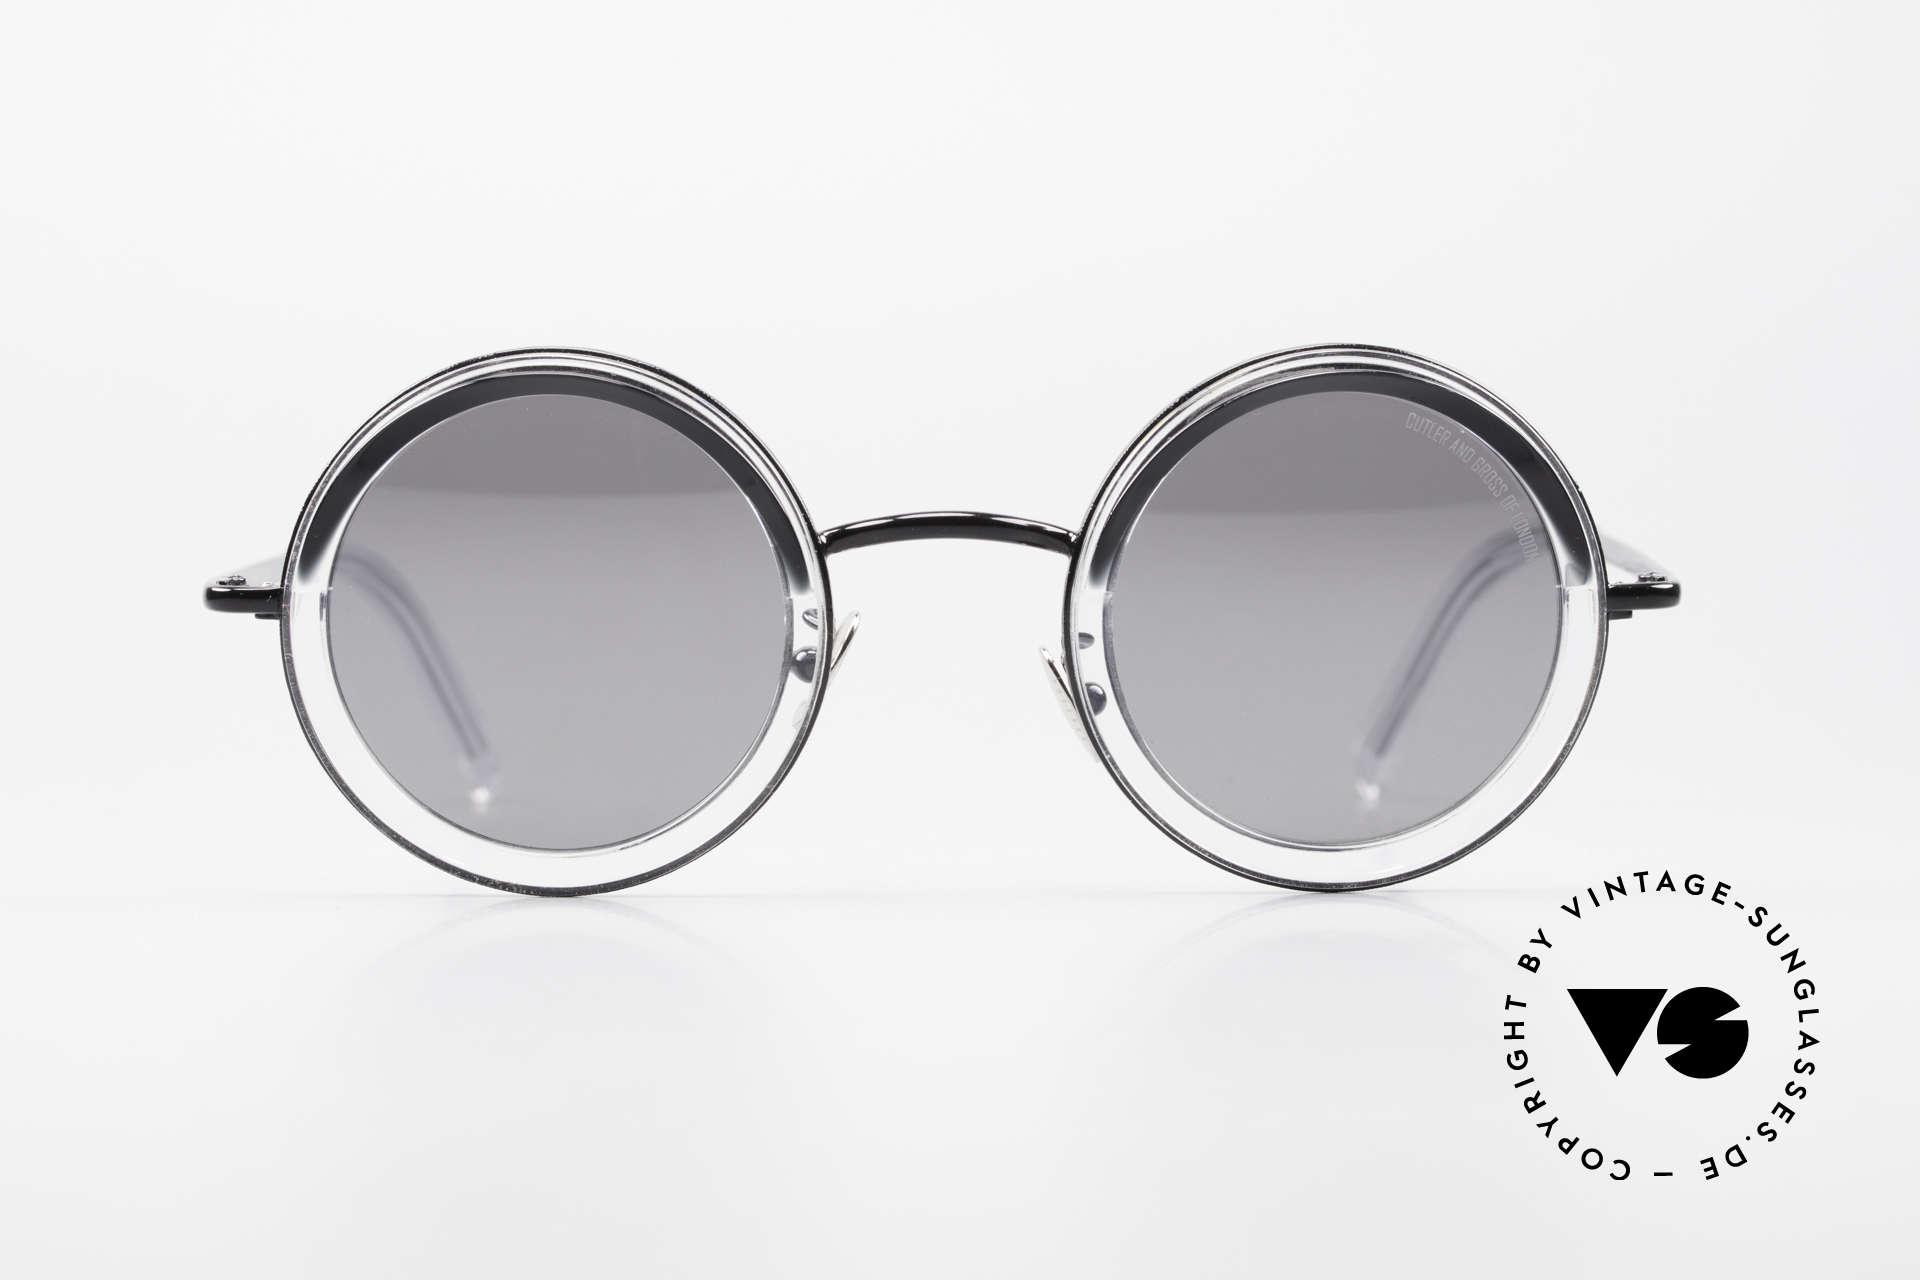 Cutler And Gross 1277 Runde Designer Sonnenbrille, runde Fassung in Farbe col. 02 (transparent / schwarz), Passend für Herren und Damen